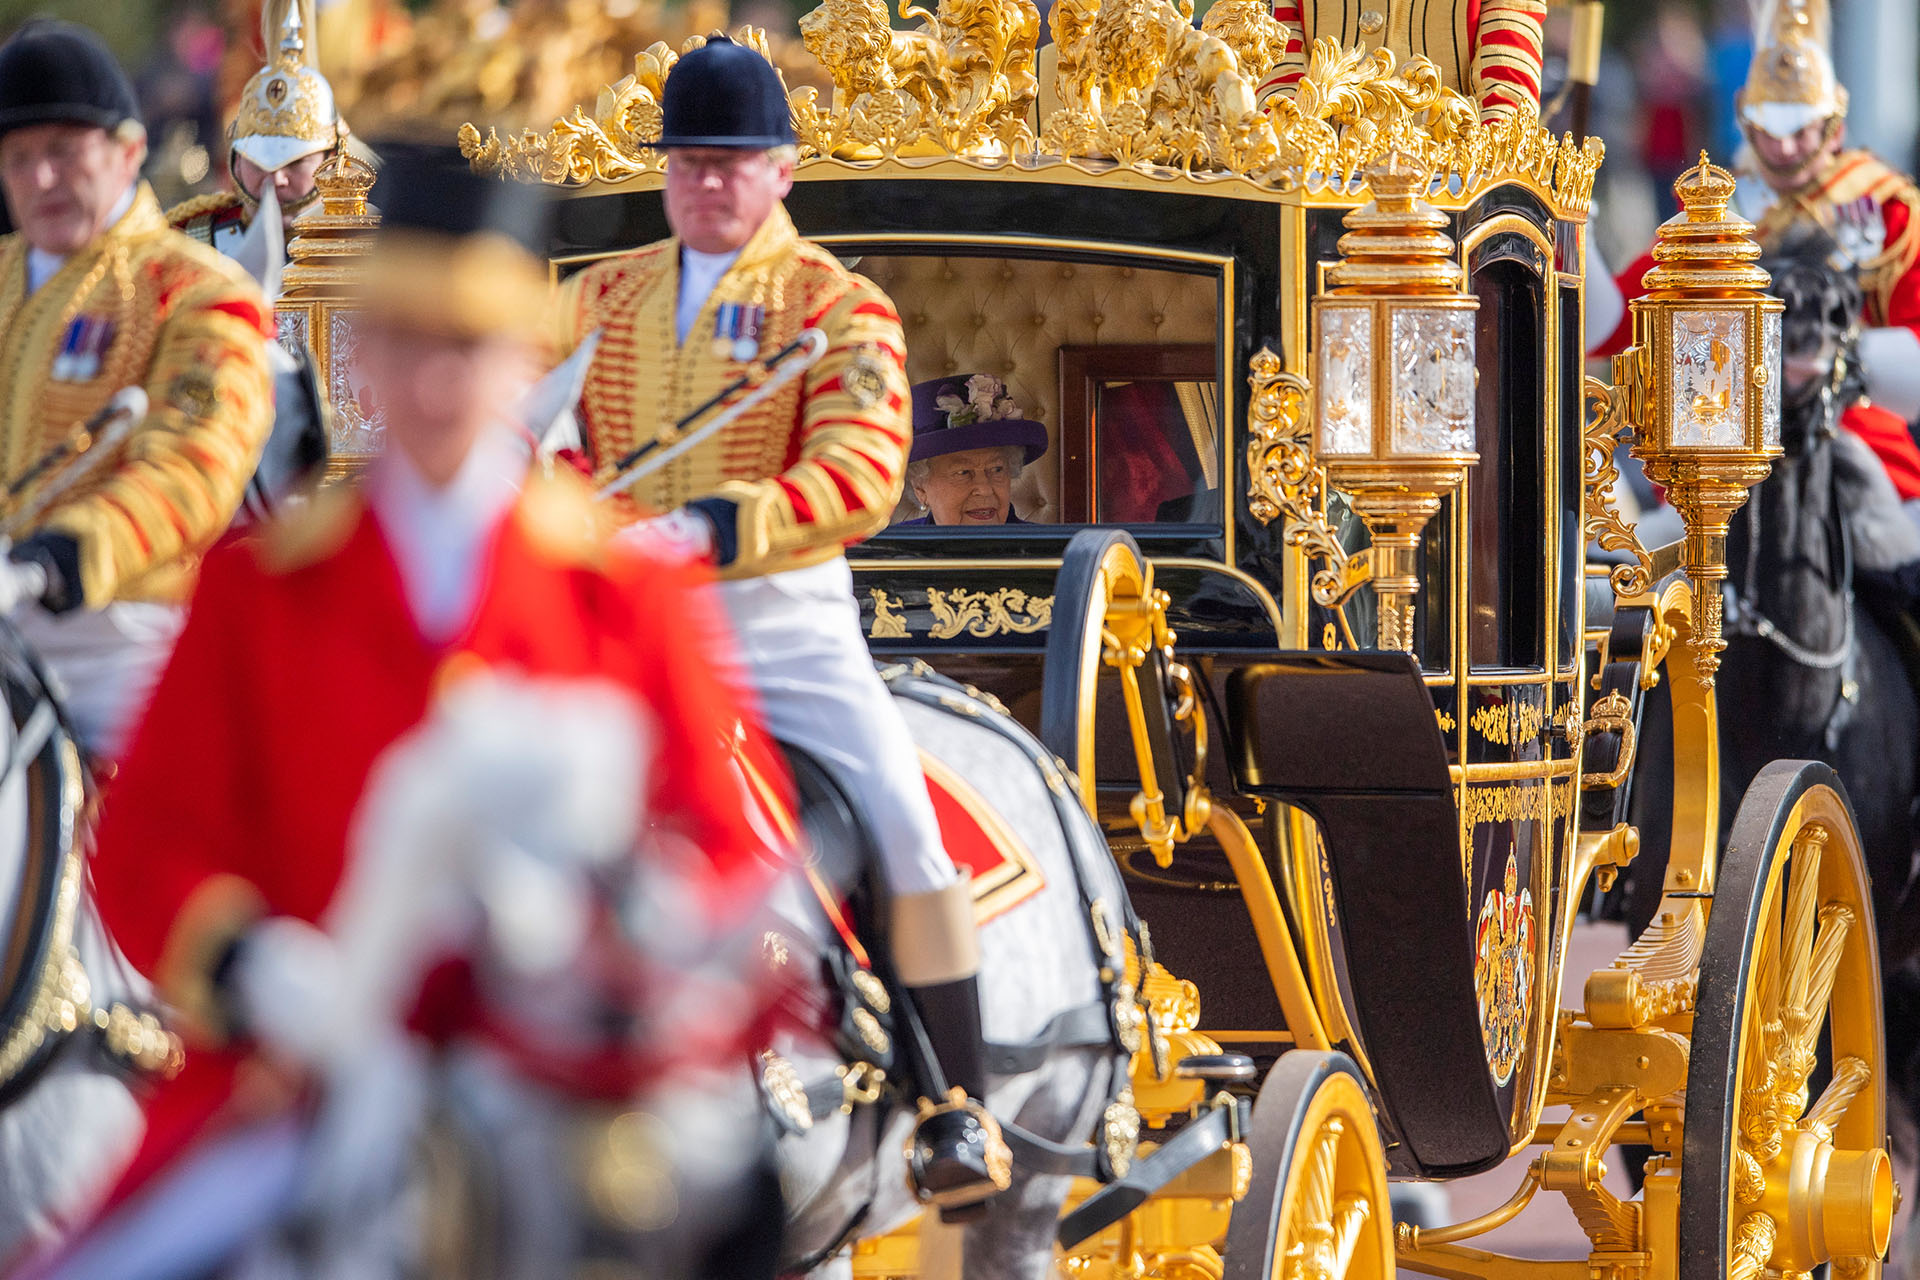 Isabel II llegó en un carruaje al Palacio de Buckingham para reunirse con los reyes de Holanda